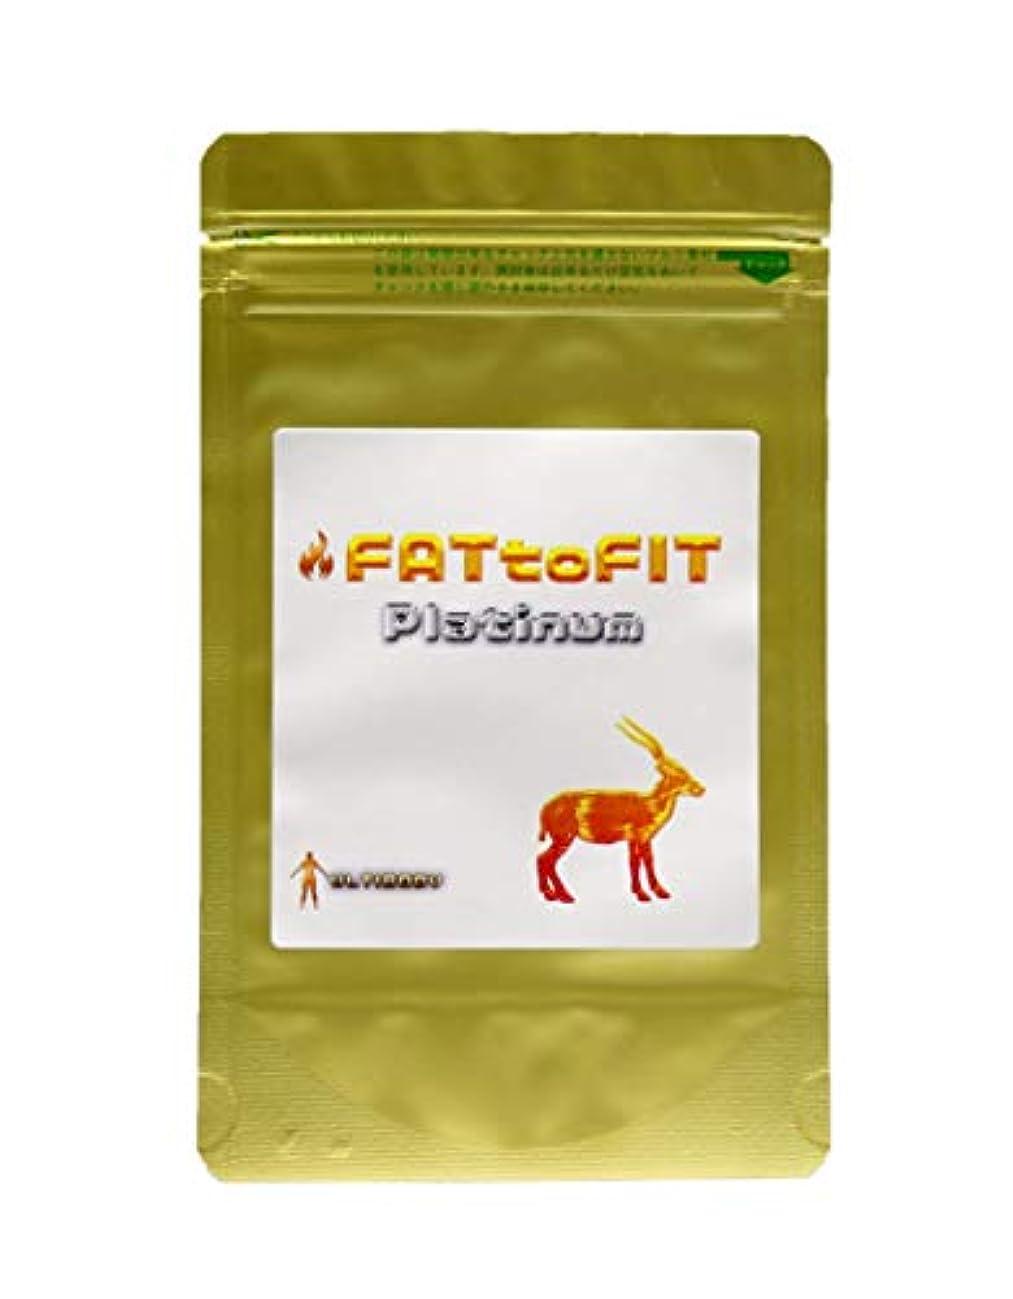 [管理栄養士監修]FAT TO FIT ファット トゥー フィット[国産正規品]中年男女ダイエッター向け、ダイエットサプリメント